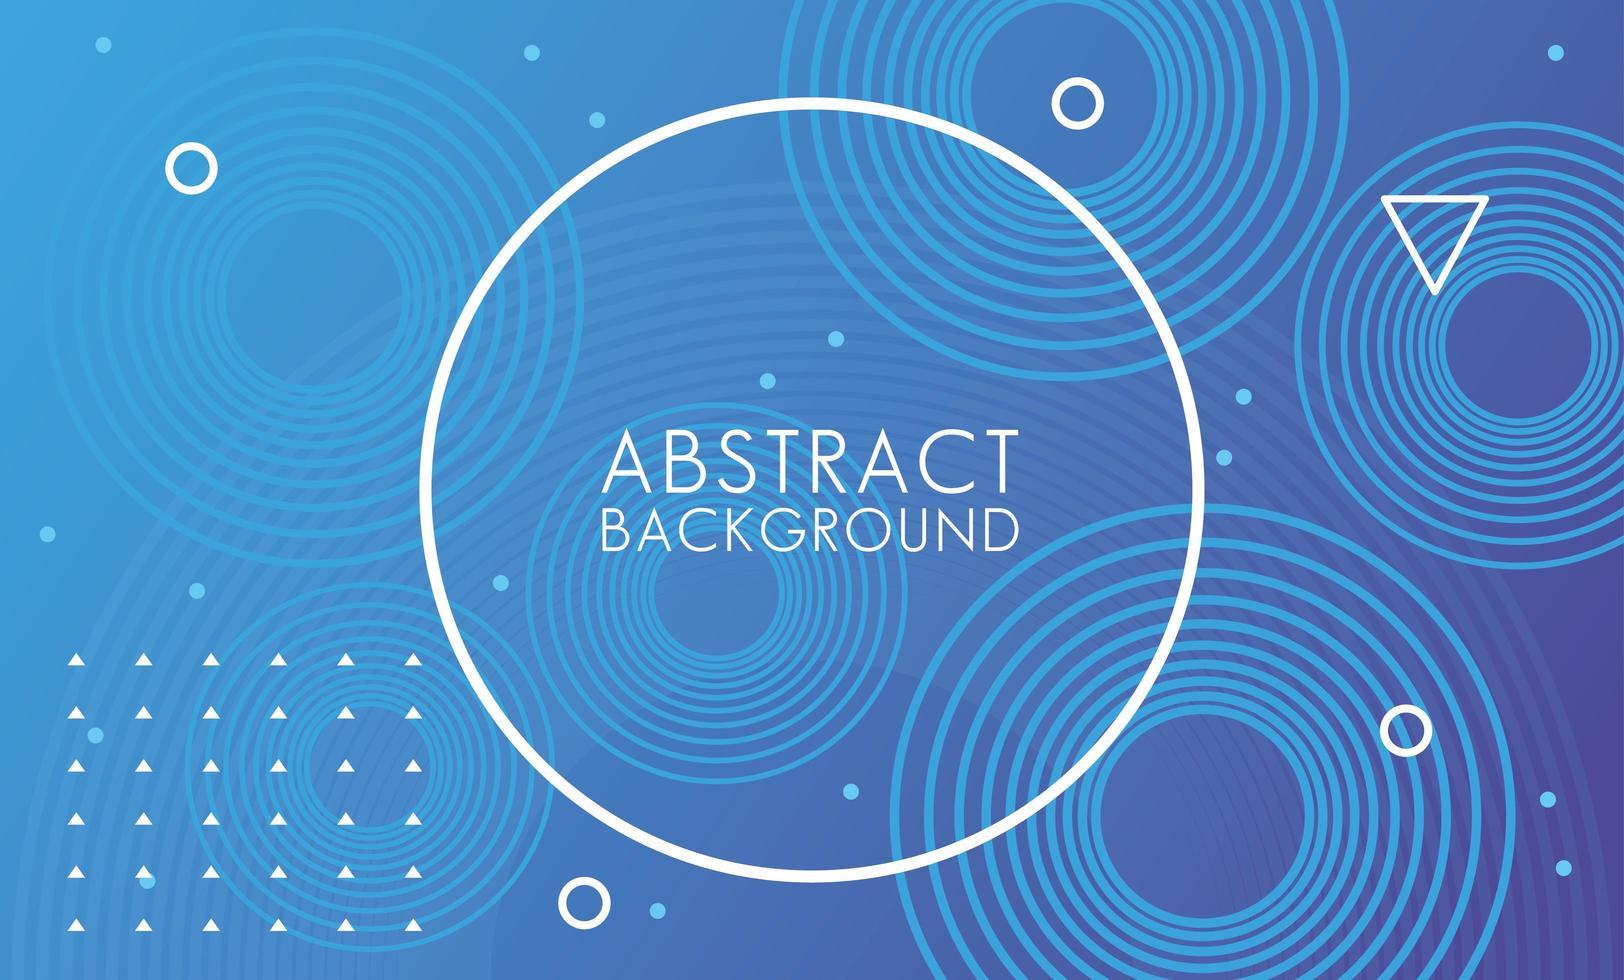 blauer kreisförmiger Rahmen abstrakter Hintergrund vektor